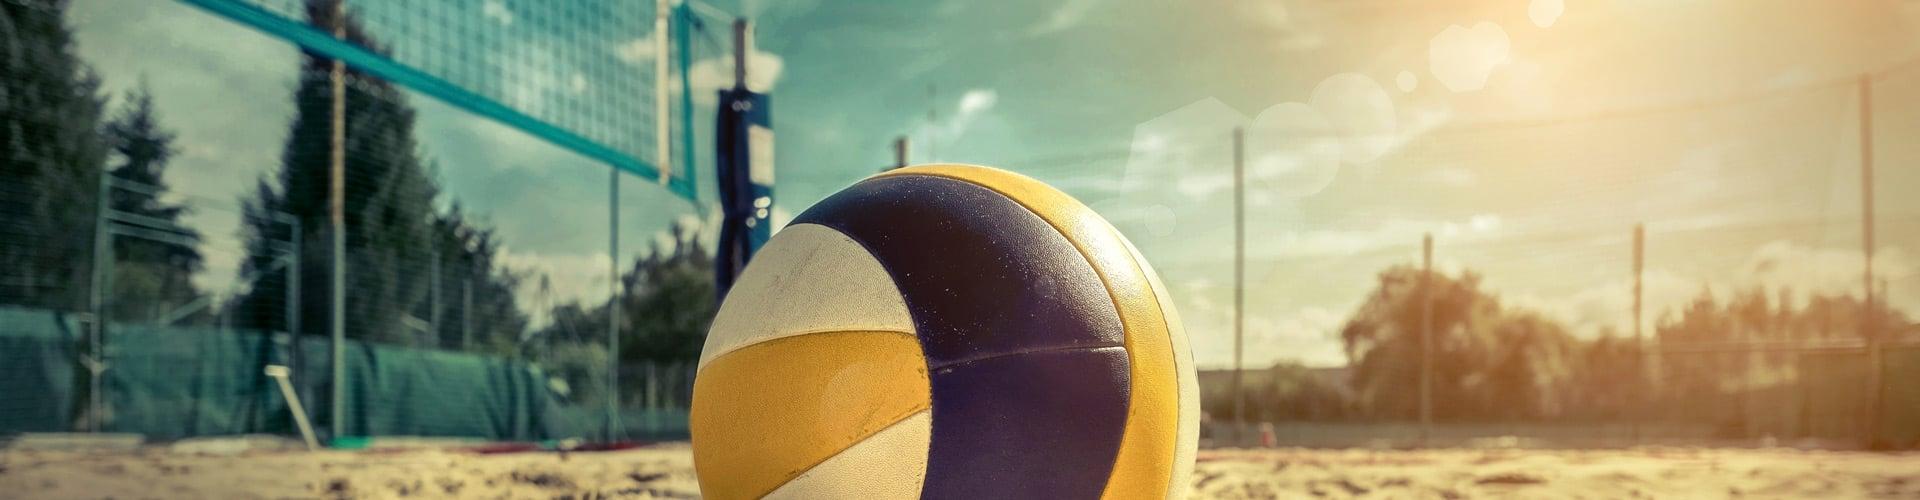 Laura Ludwig und Kira Walkenhorst wollen gemeinsam mit Radio Hamburg und Bridgestone den Weltrekord für das größte Beachvolleyballtraining aller Zeiten aufstellen. Foto: Shutterstock